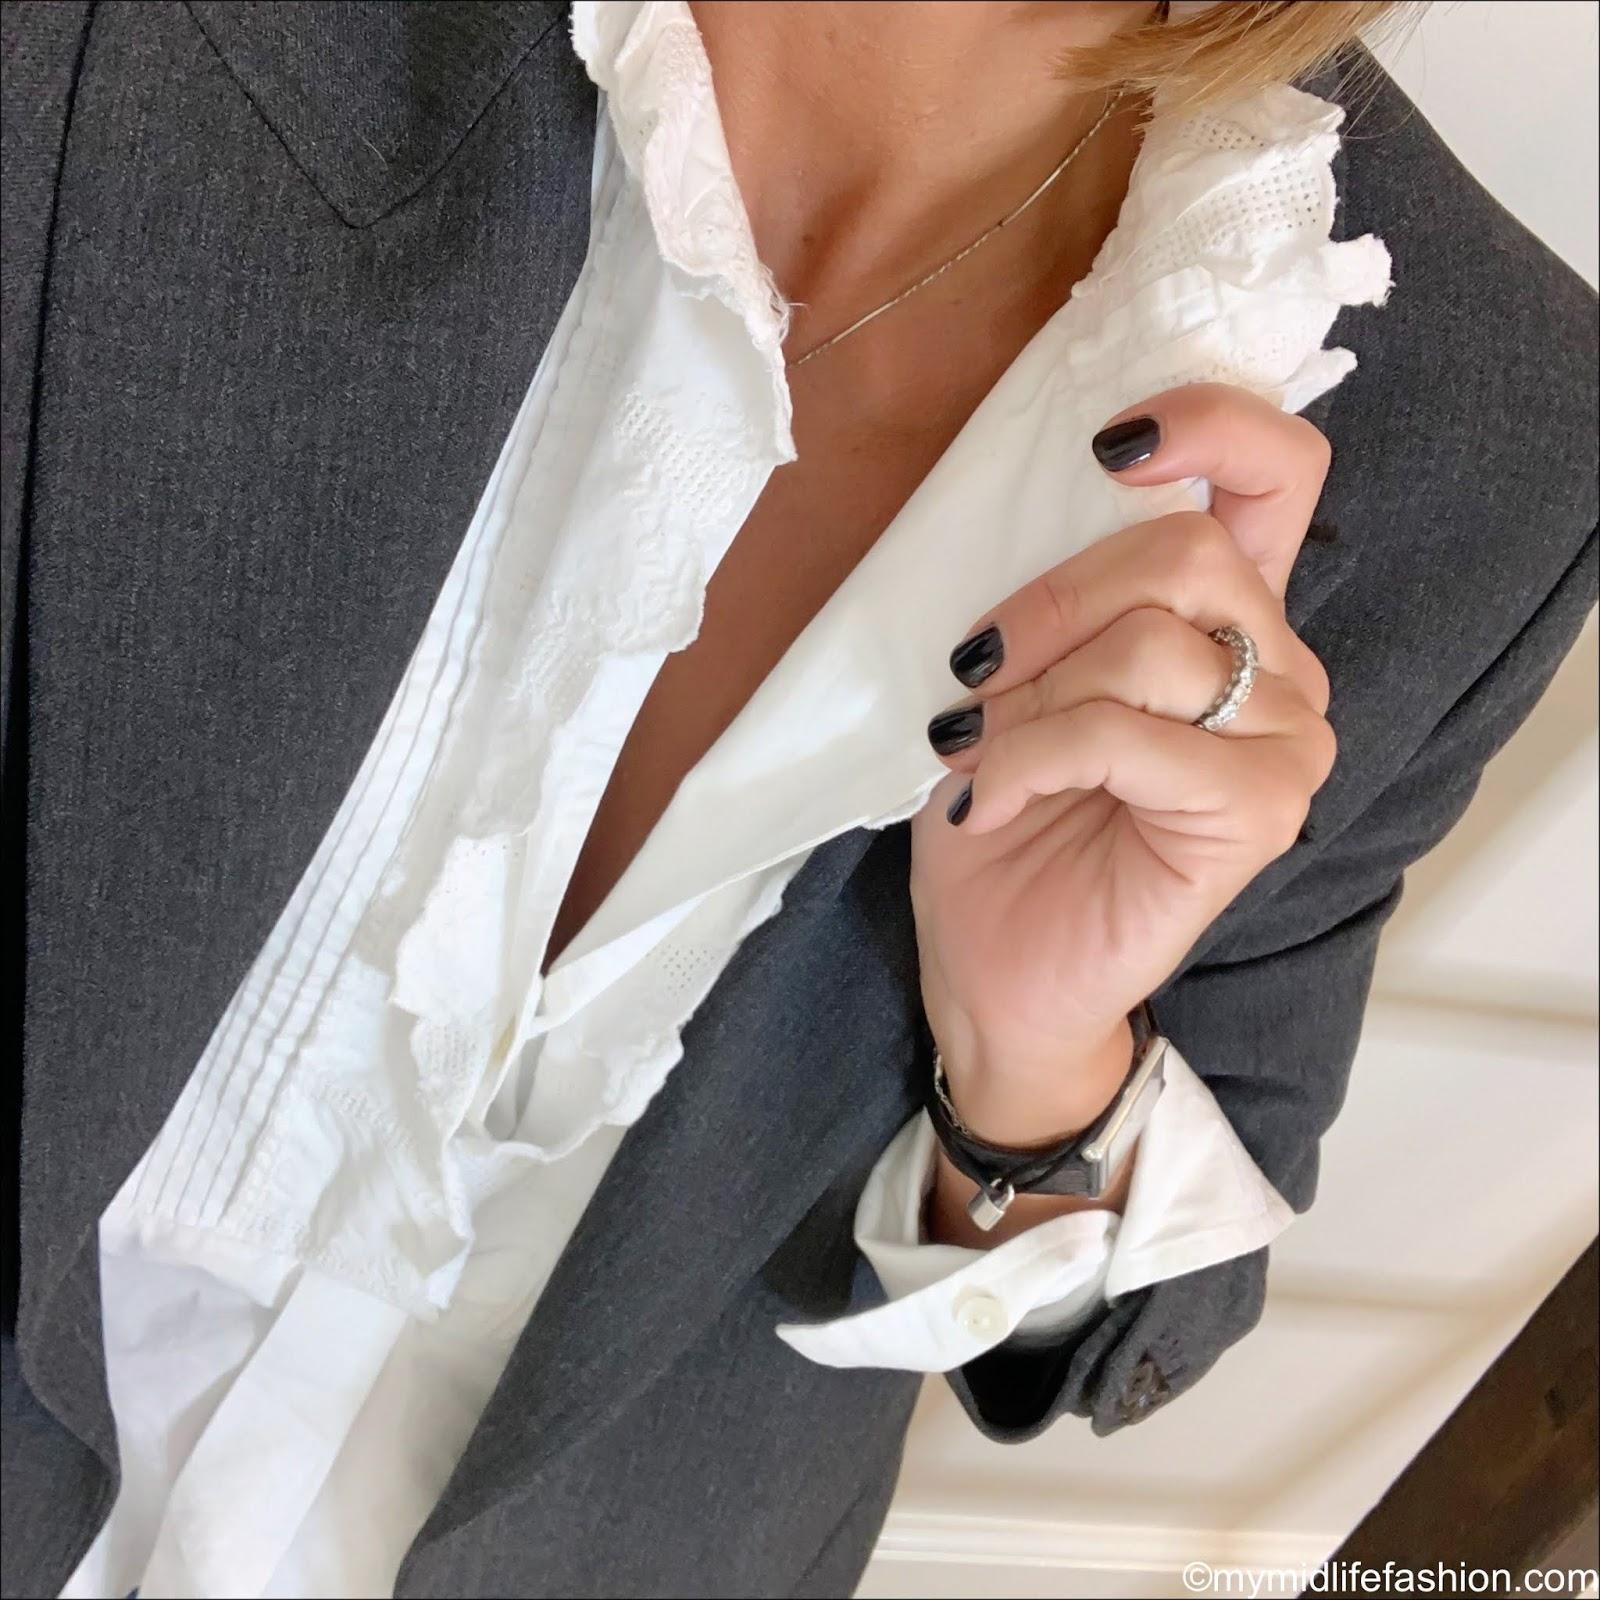 my midlife fashion, Isabel Marant Etoile frill blouse, Zara oversized blazer with pockets, j crew skinny jeans, J Crew Skinny jeans, j crew suede tassel flat shoes